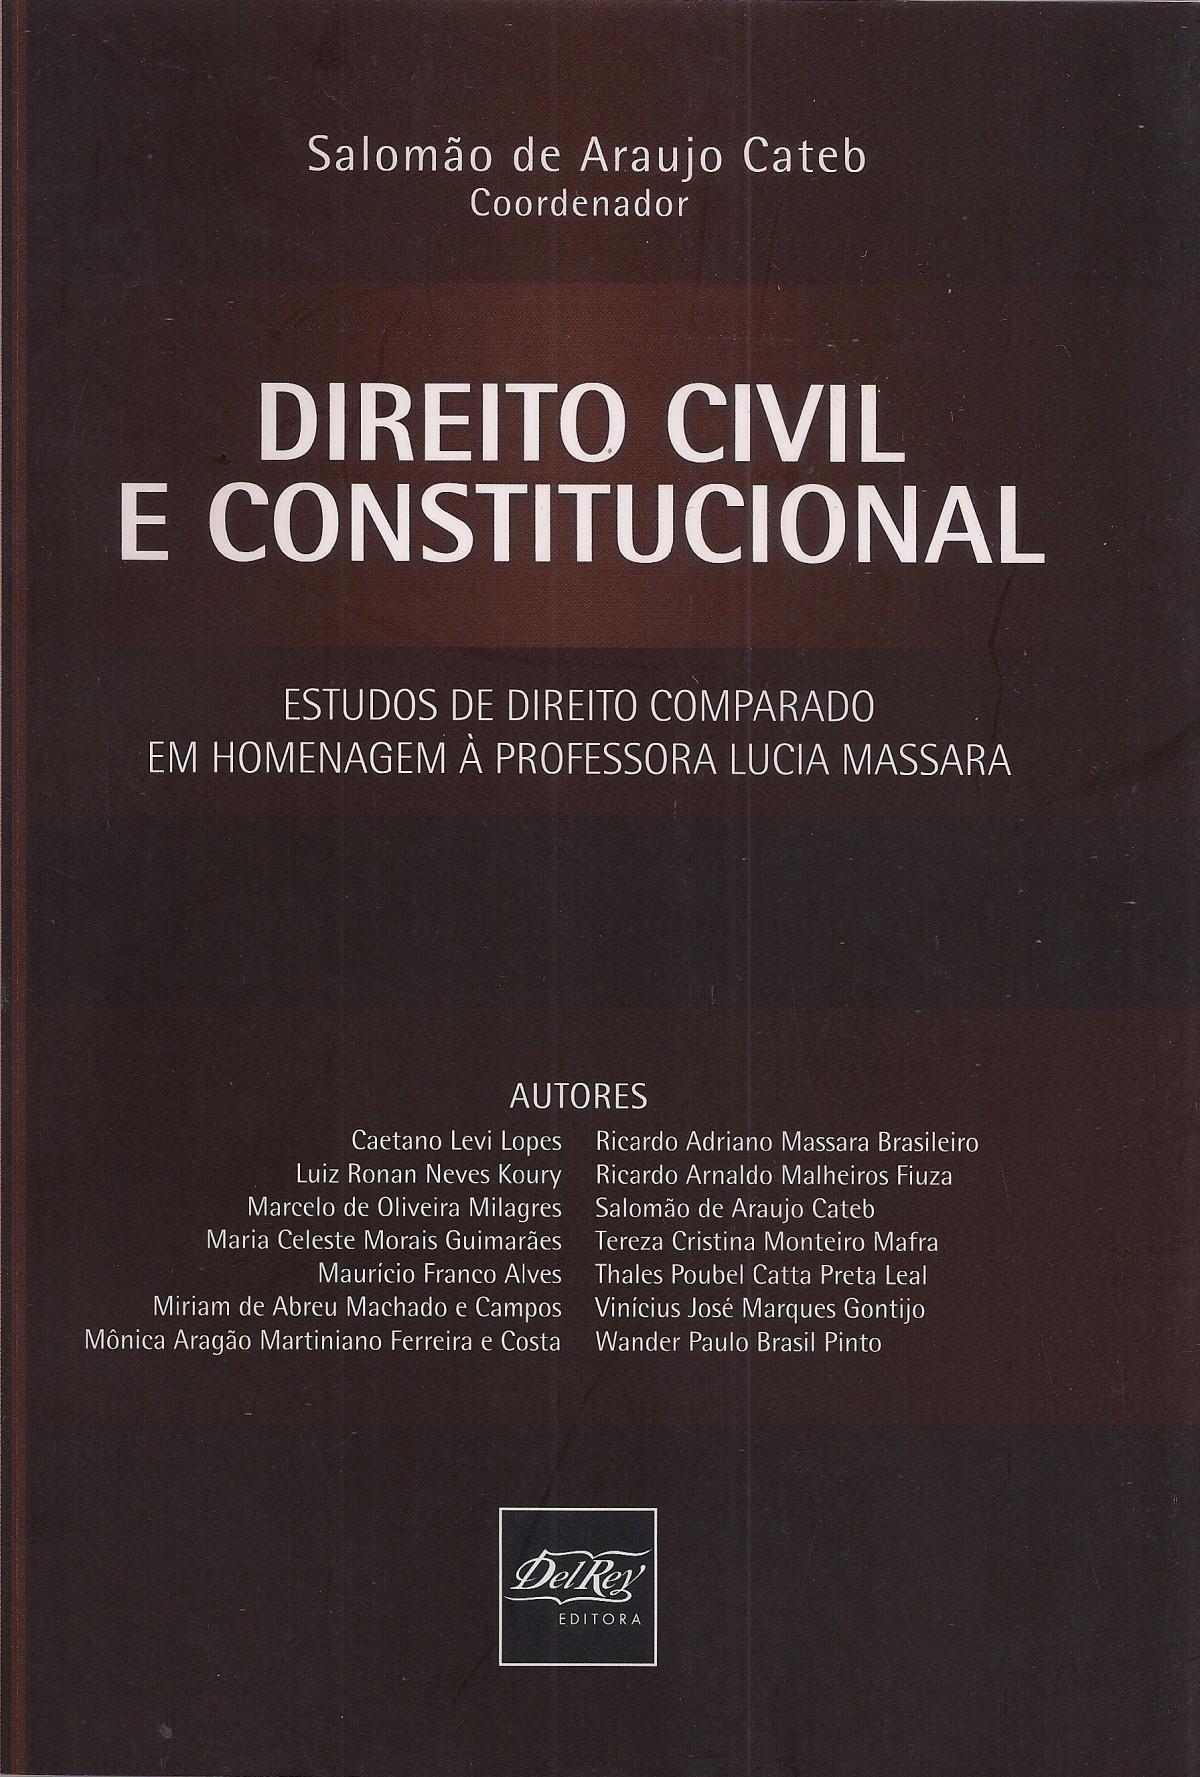 Foto 1 - Direito Civil e Constitucional: Estudos de Direito Comparado em Homenagem à Professora Lucia Massara